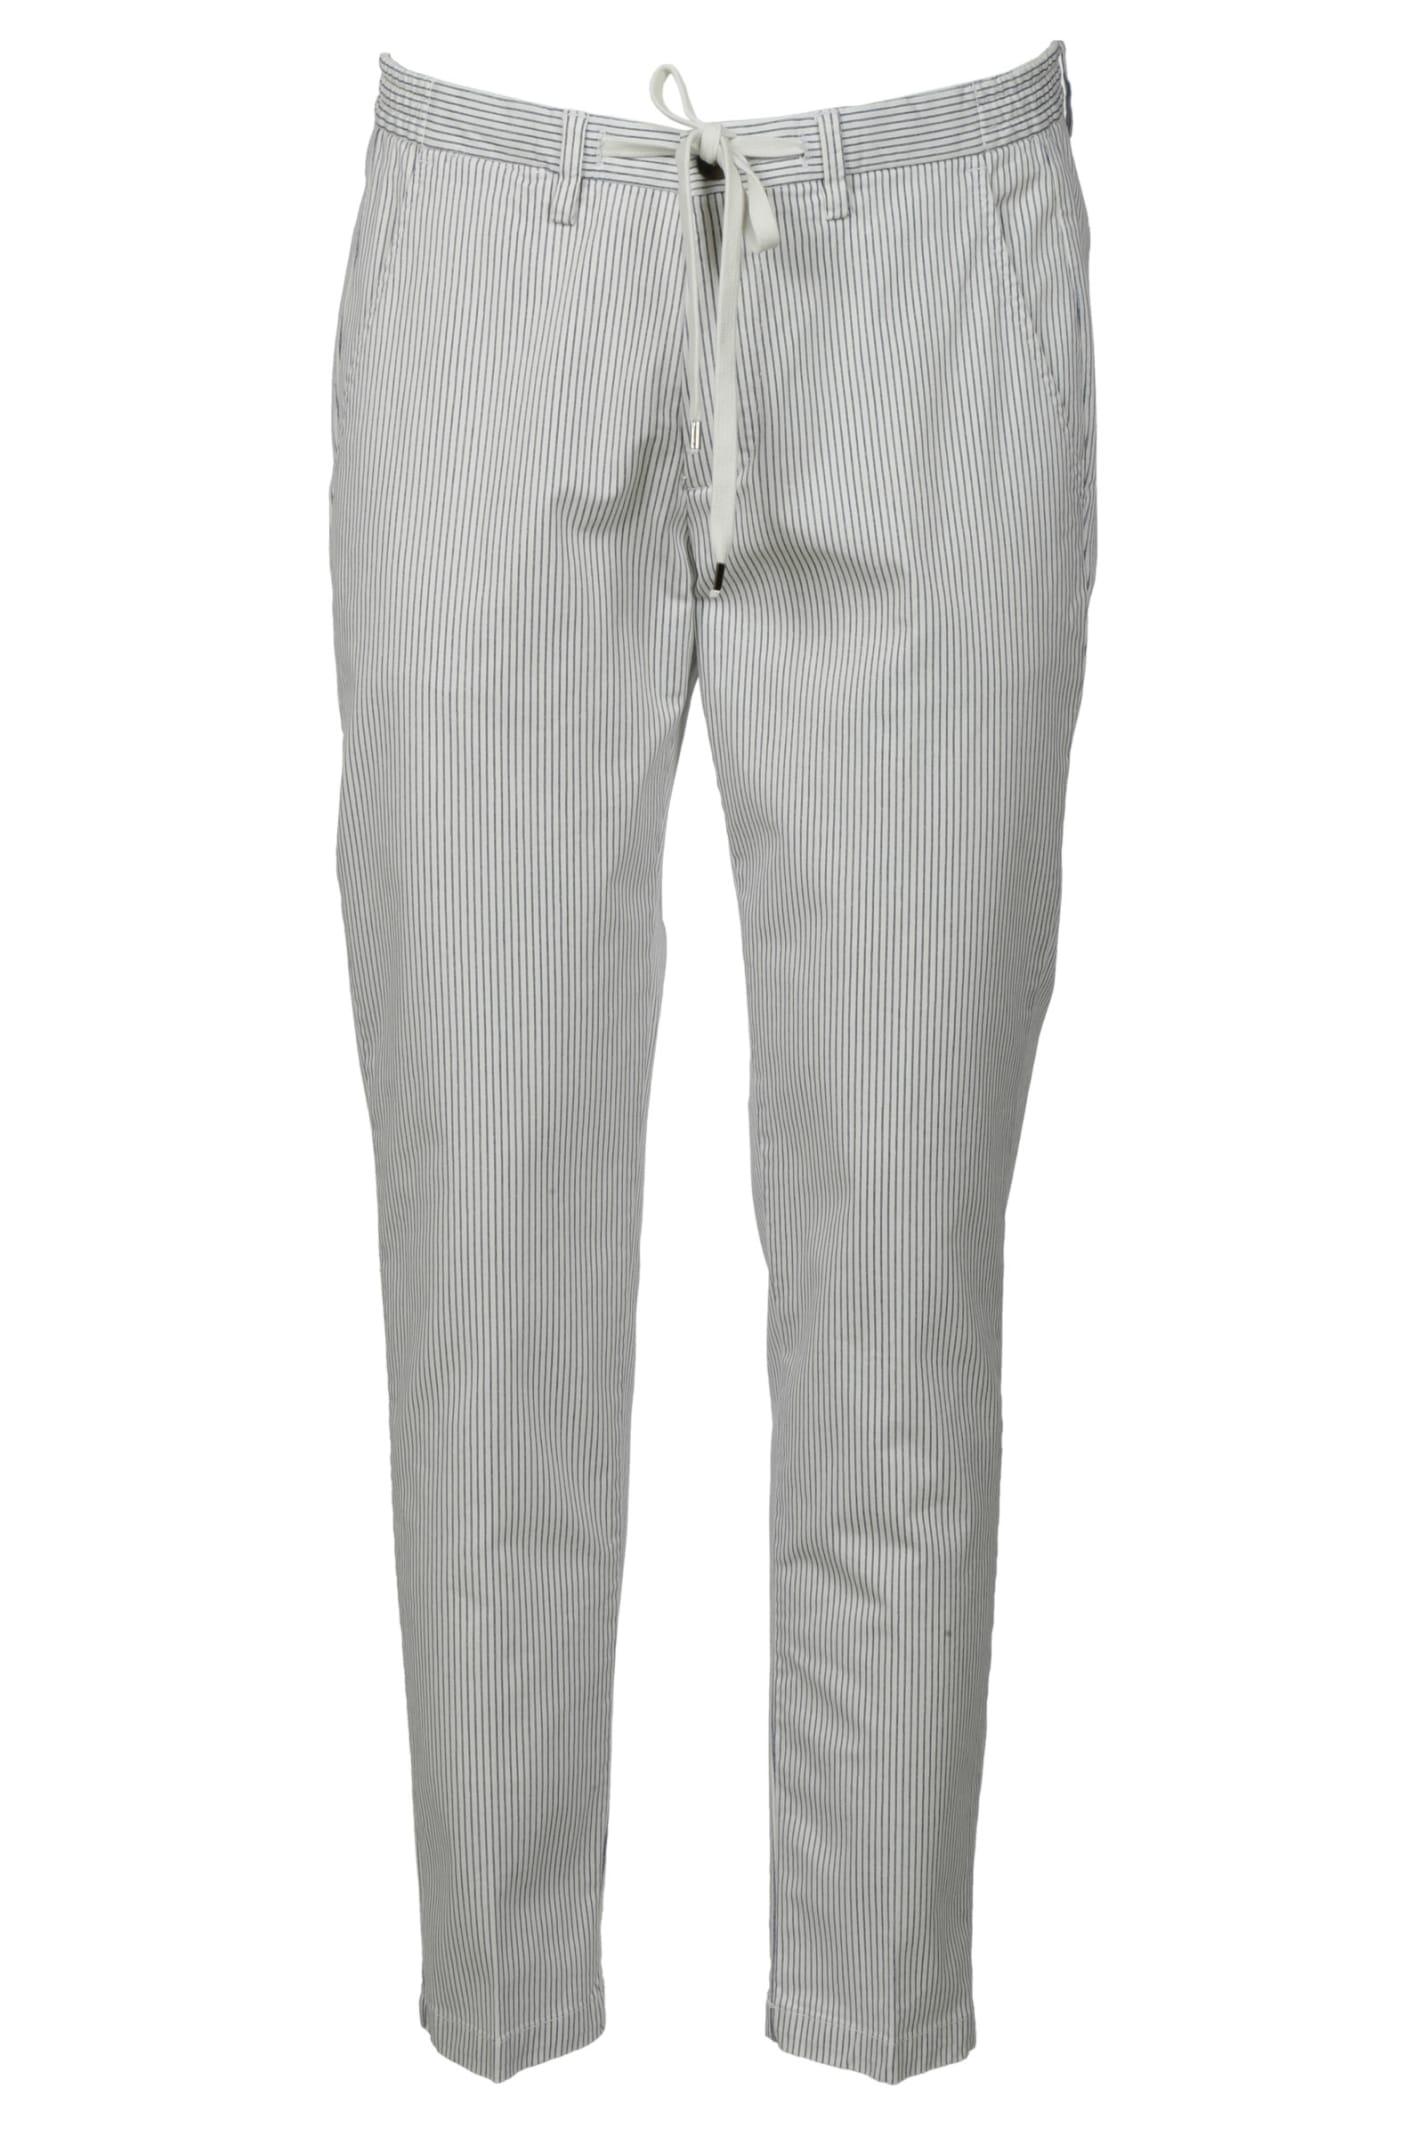 1949 Tie-waist Stripe Cropped Trousers